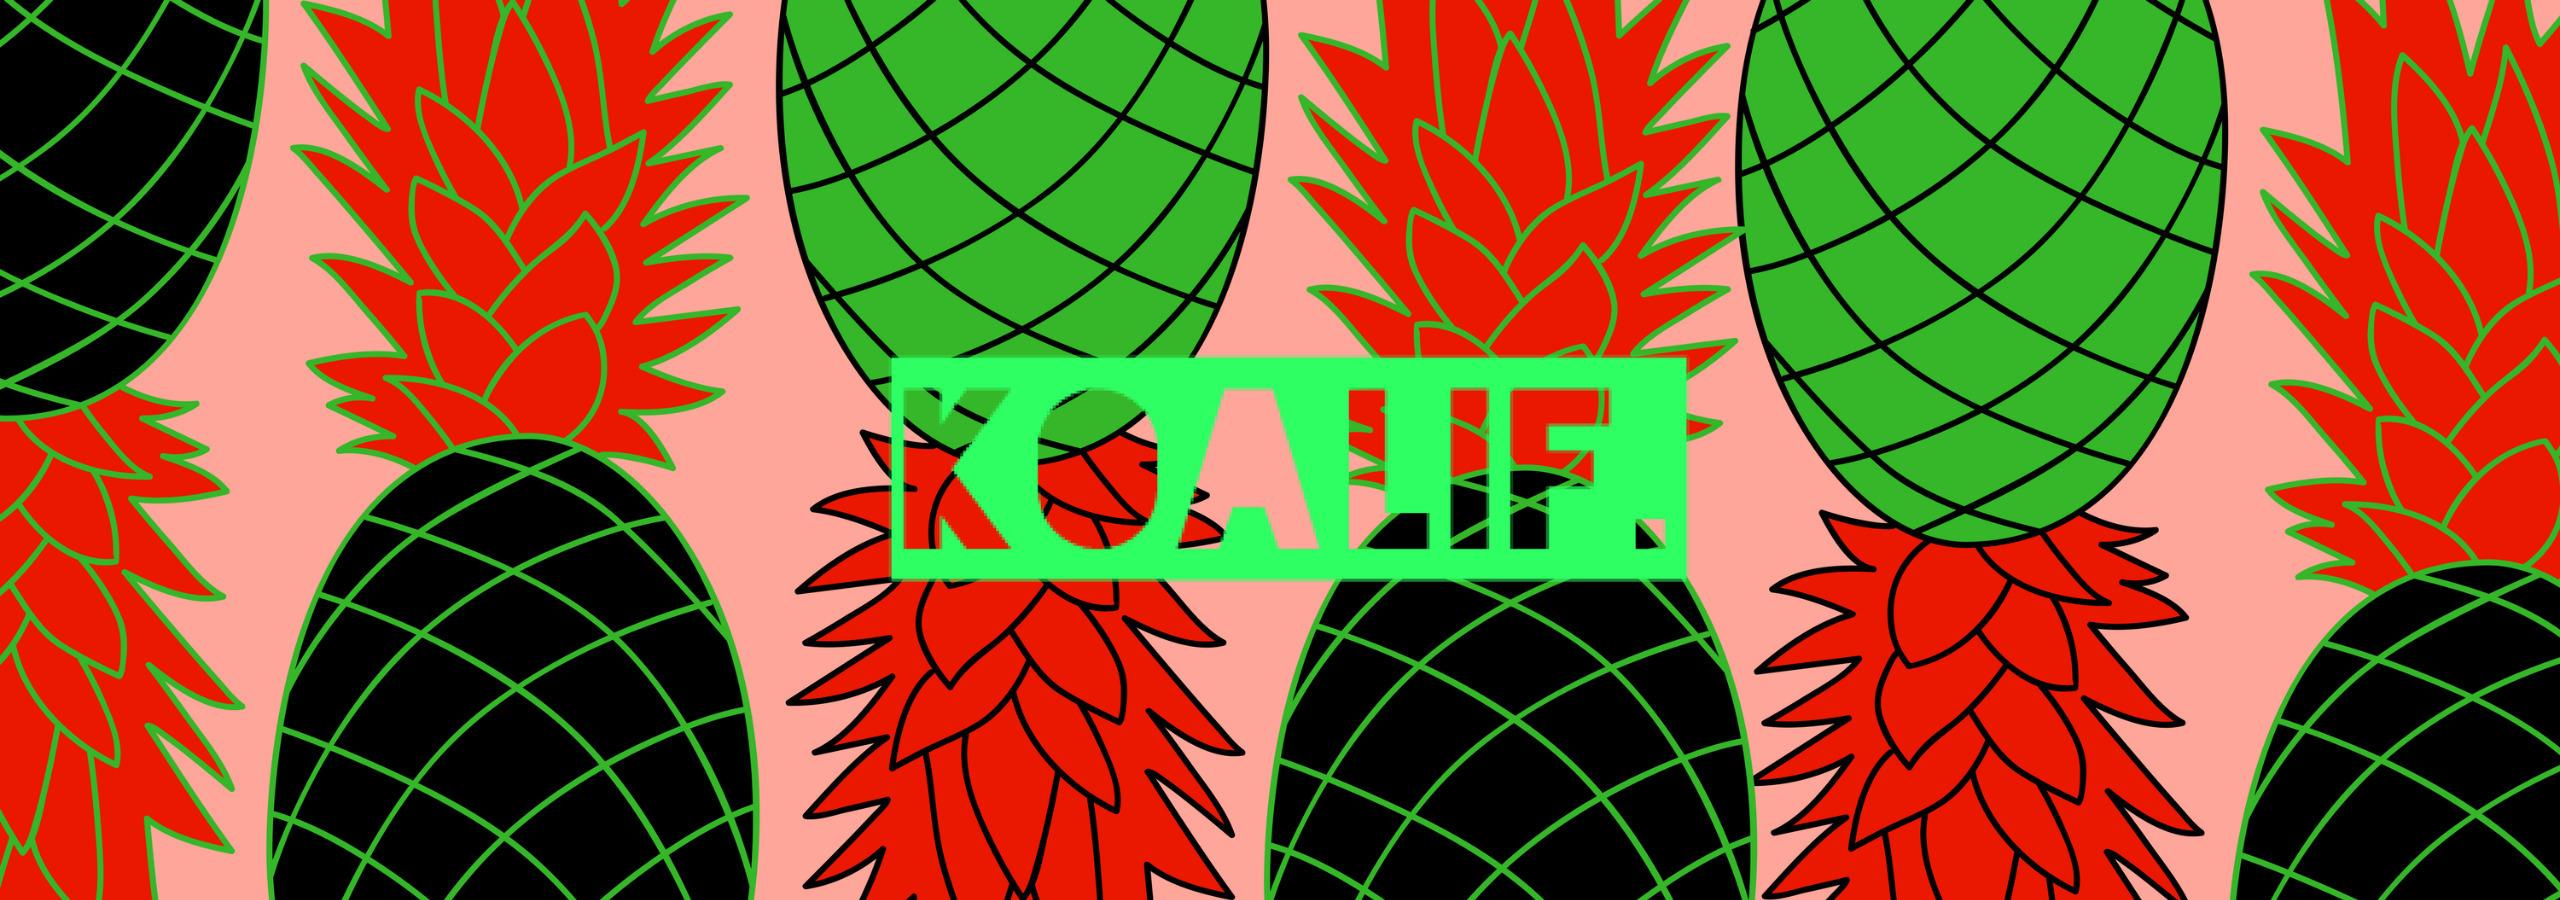 Lif. (@koalif) Cover Image